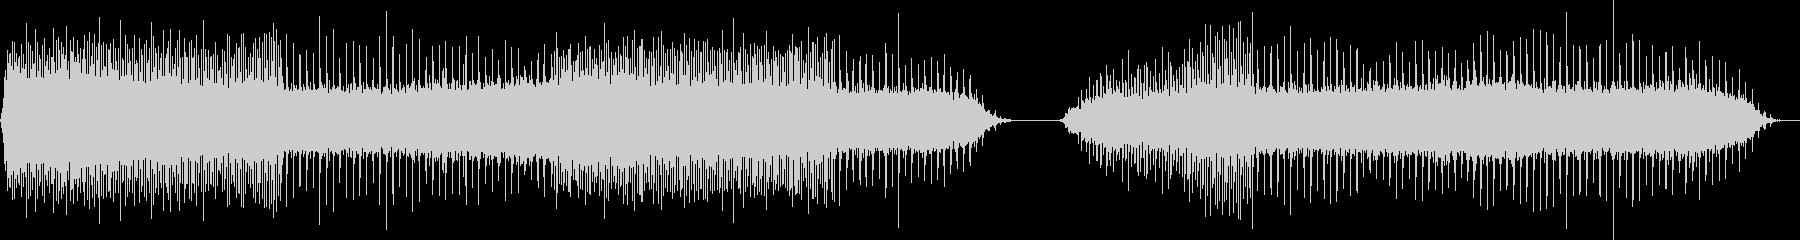 スプリンクラー1;一定のクリック数...の未再生の波形